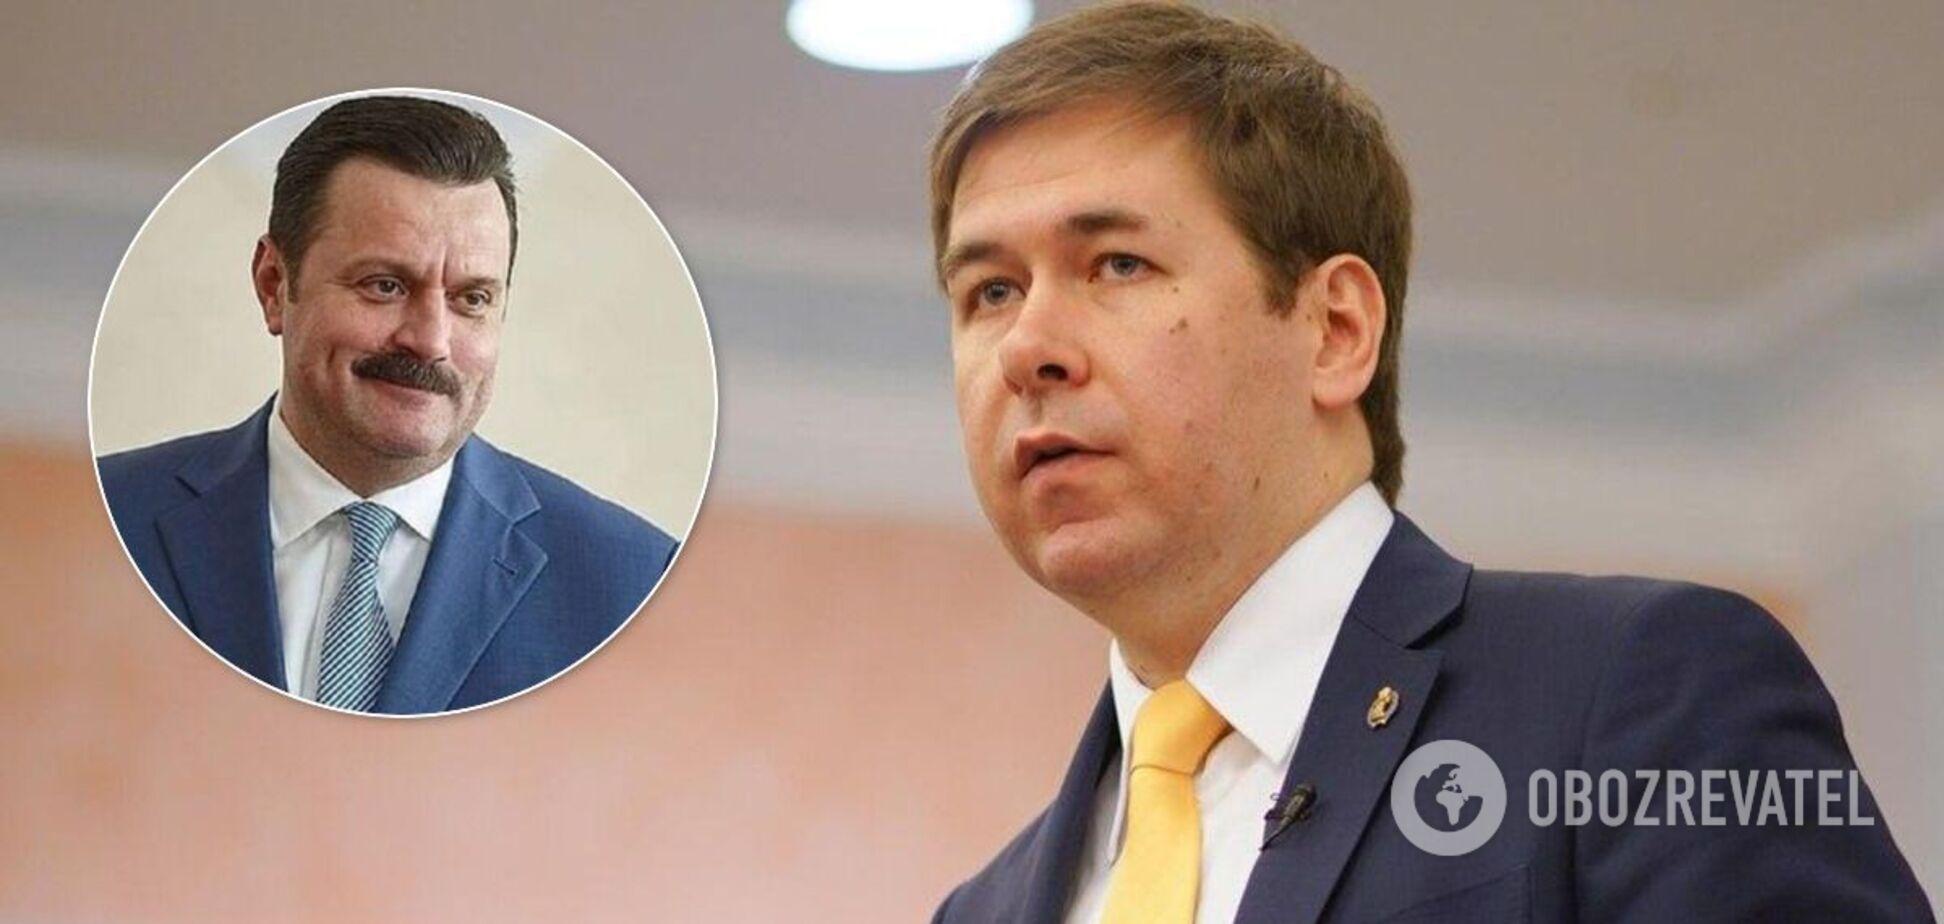 Ілля Новиков та Андрій Деркач